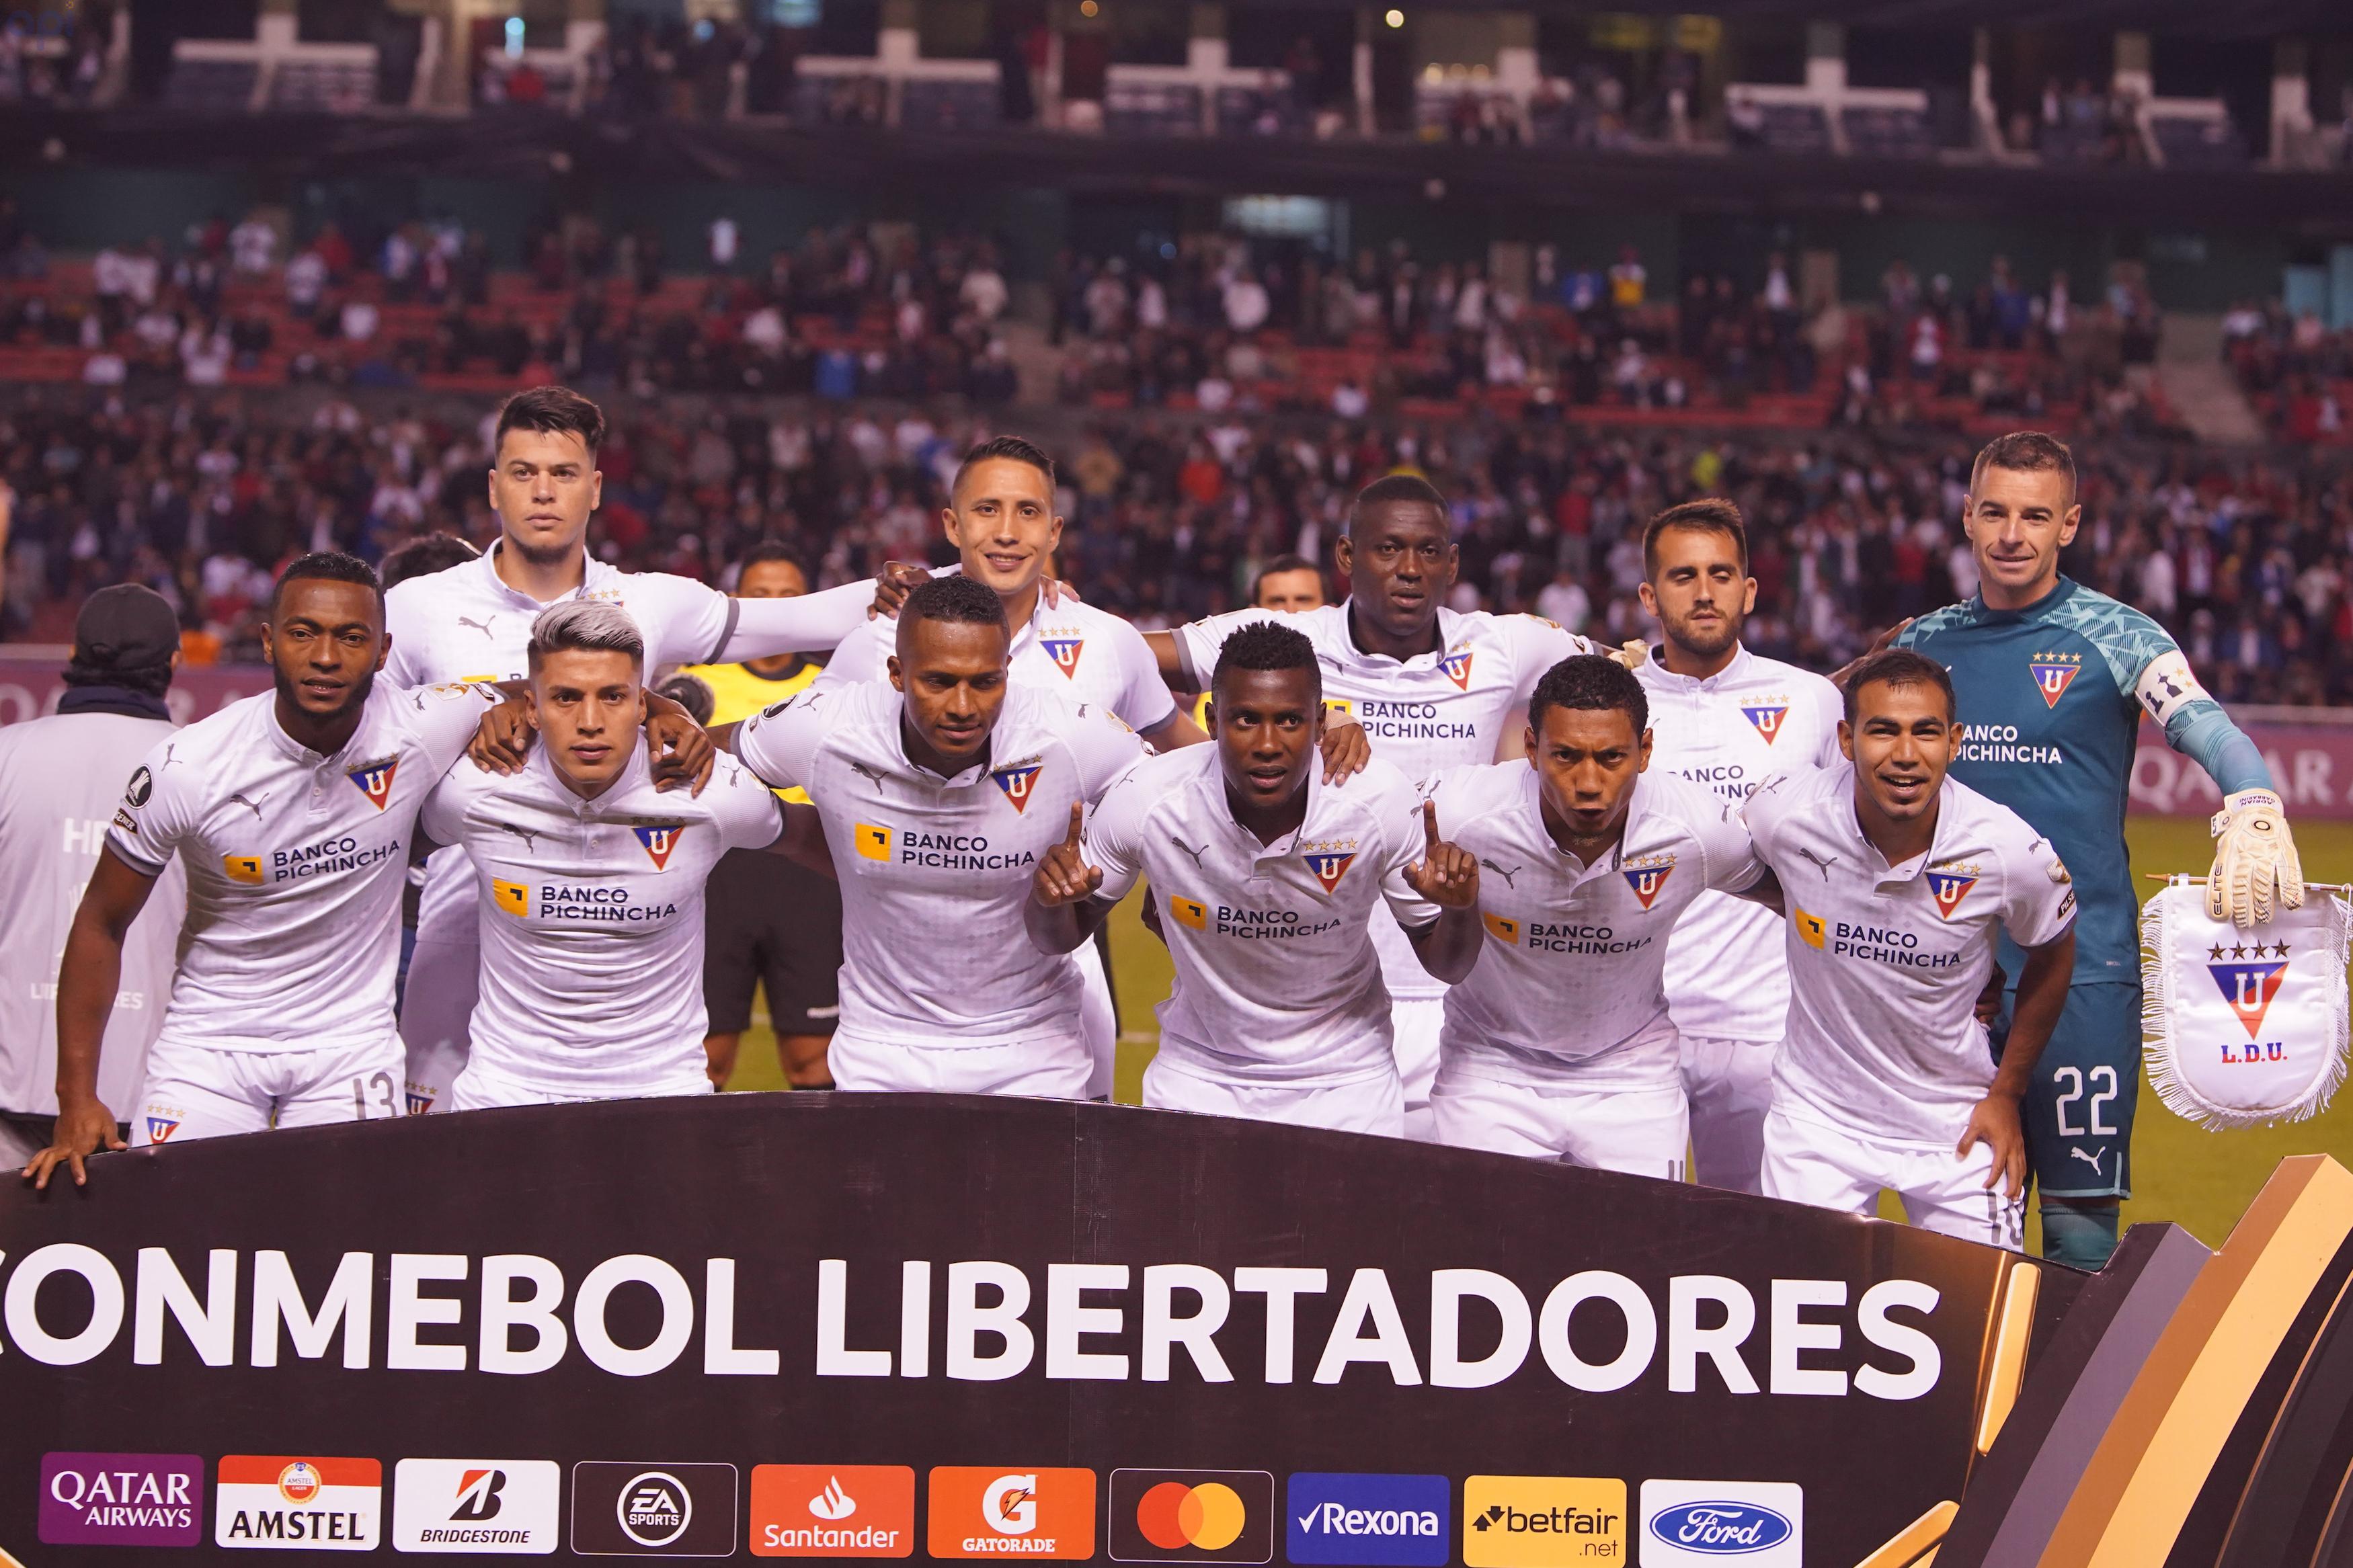 Luis Caicedo se refirió a la salida de Paco Rodríguez y la posibilidad de sumar minutos, ante la seguidilla de partidos que vendrán para la 'U'